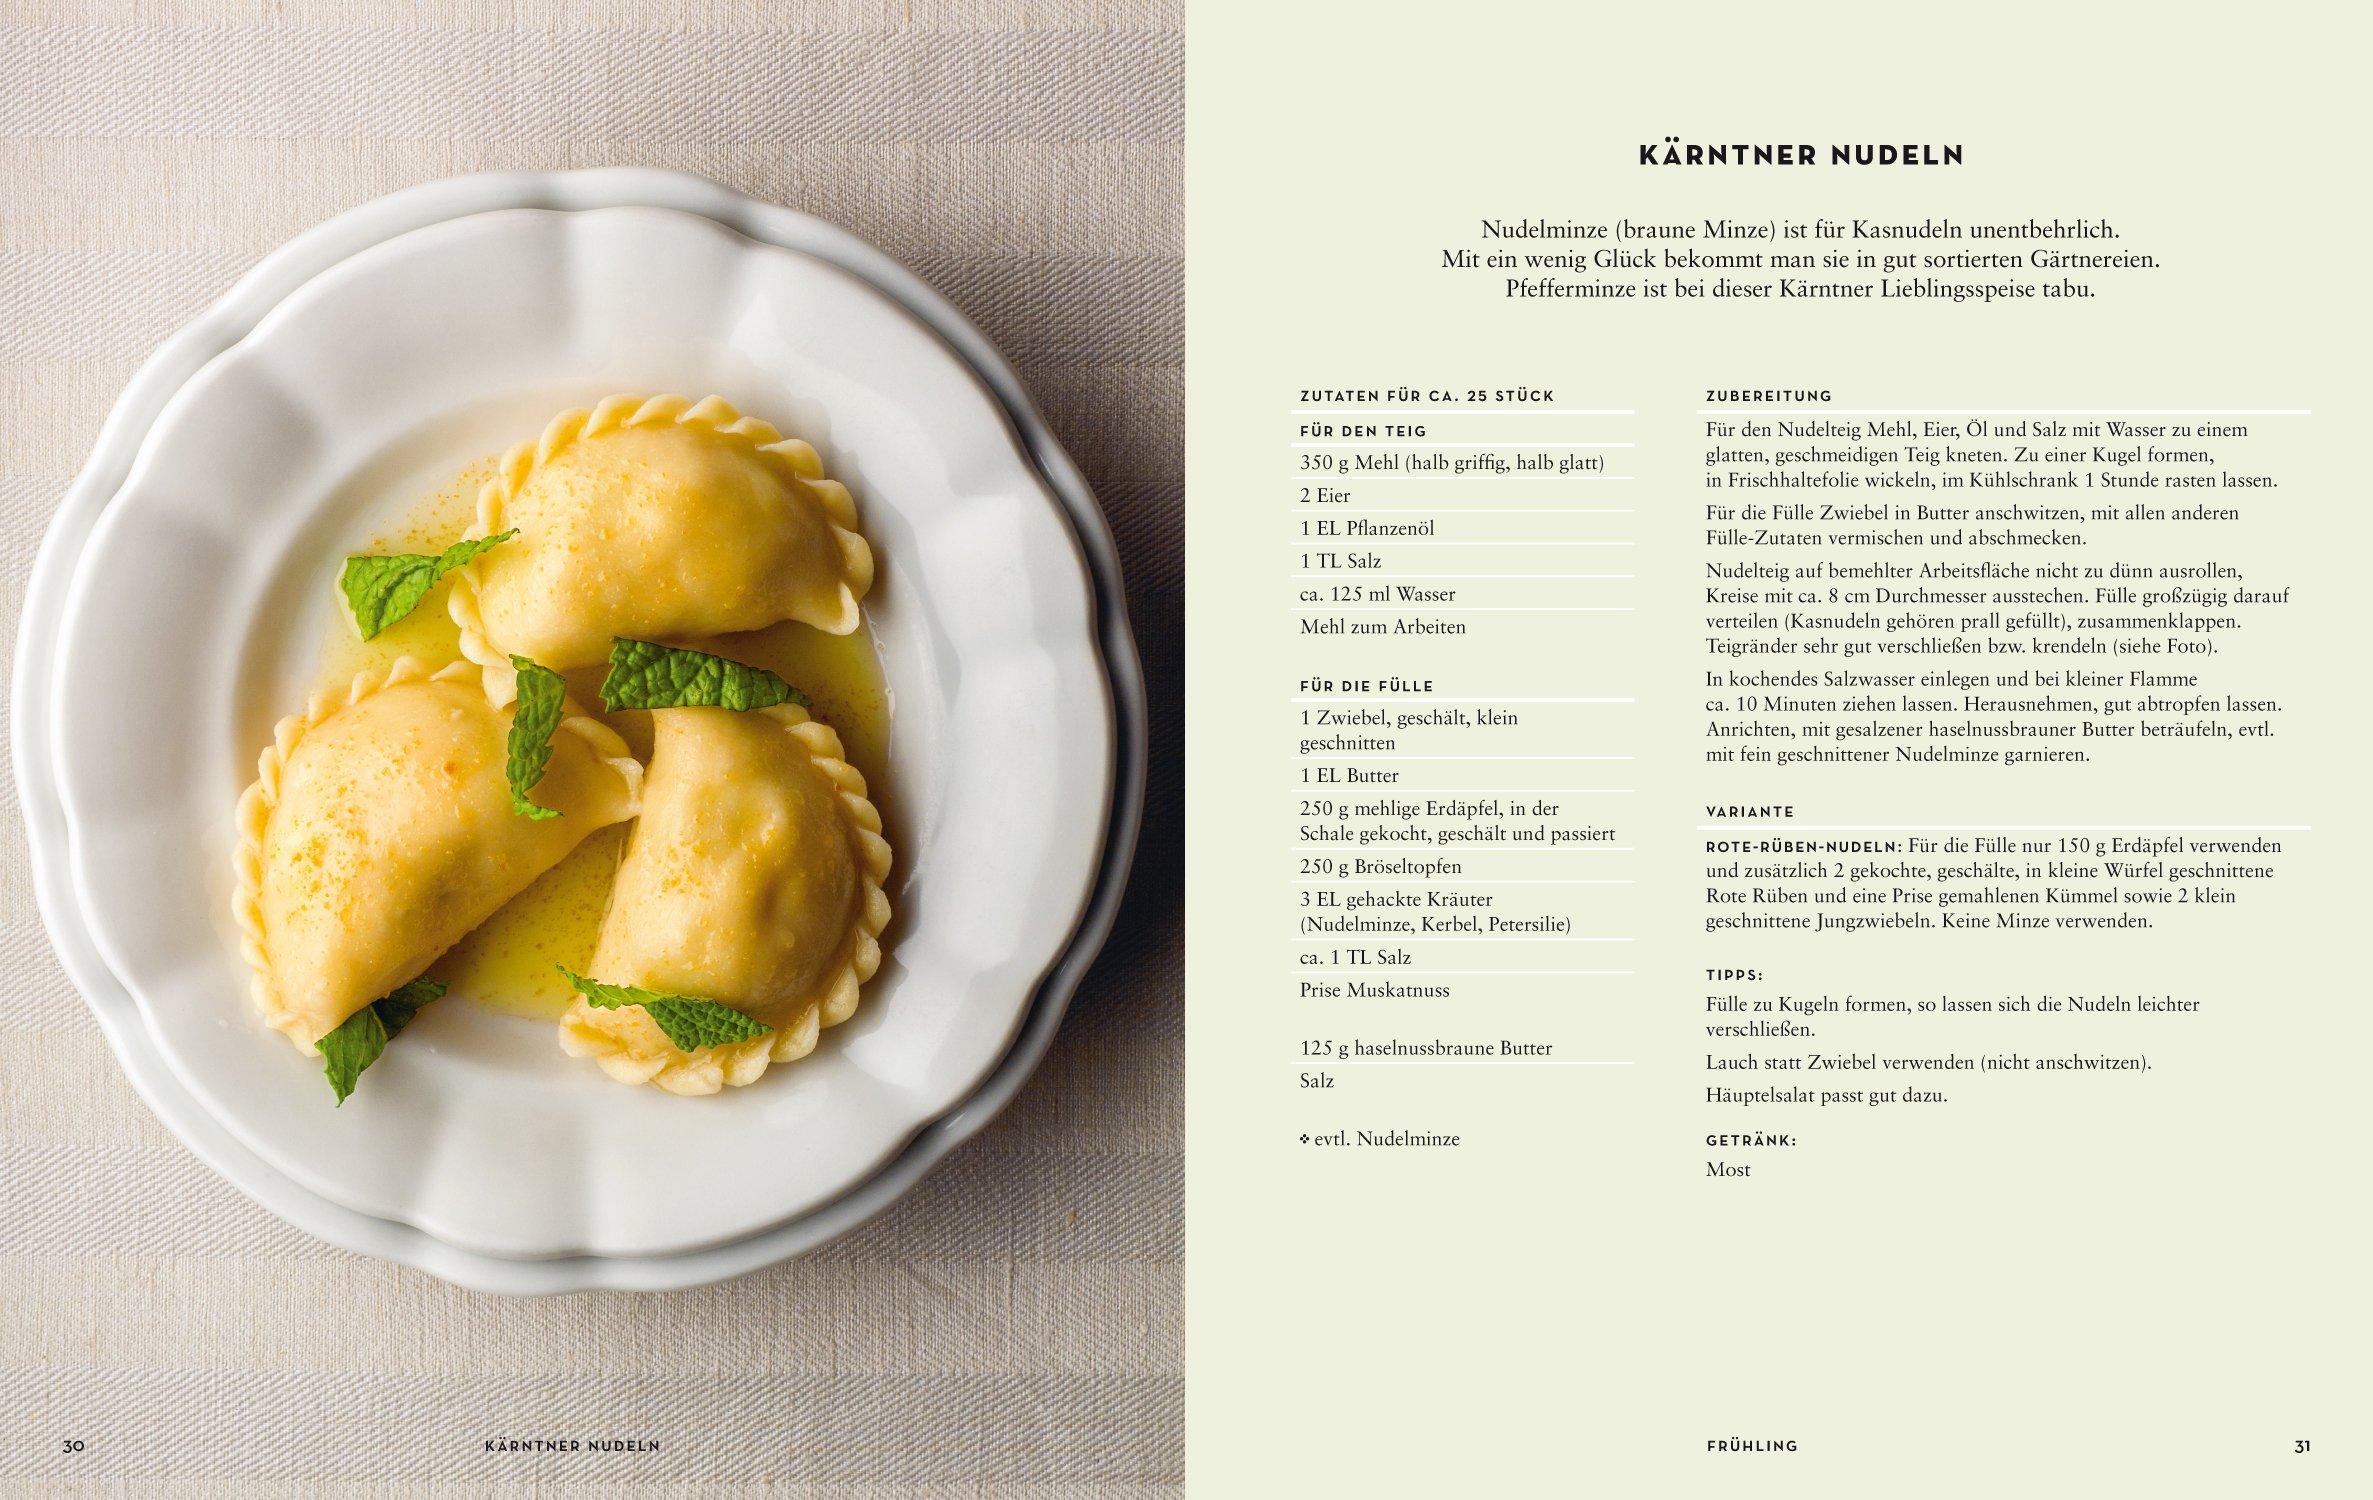 Outdoor Küche Vegetarisch : Österreich vegetarisch amazon katharina seiser meinrad